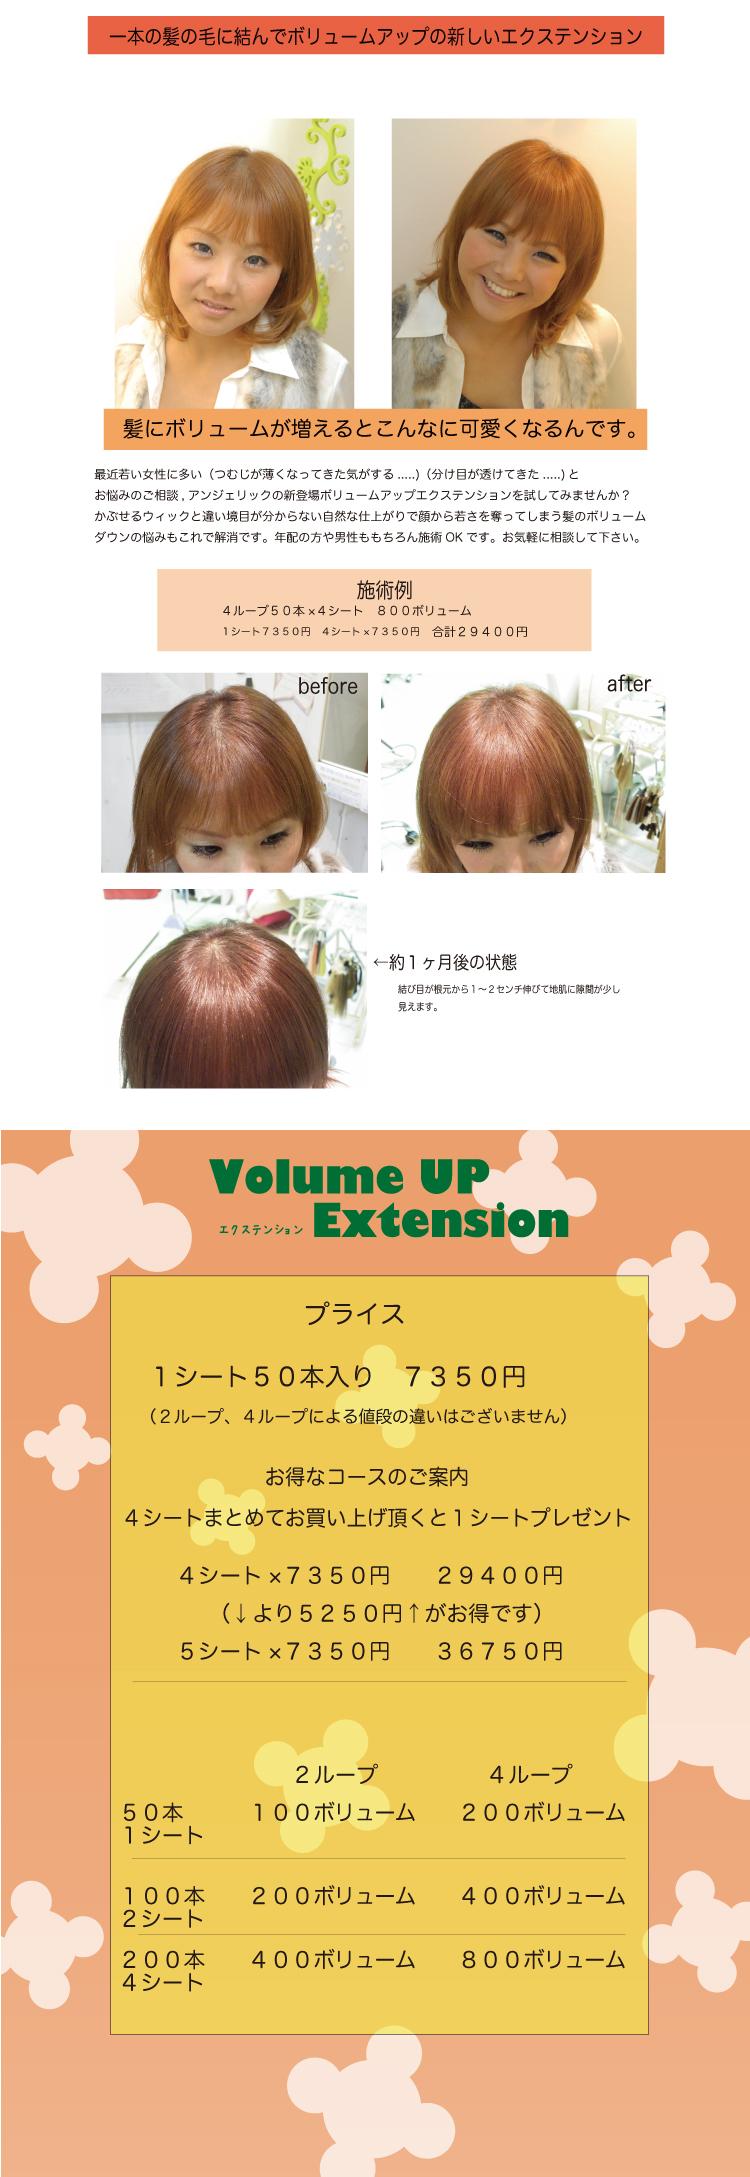 volume-kiji